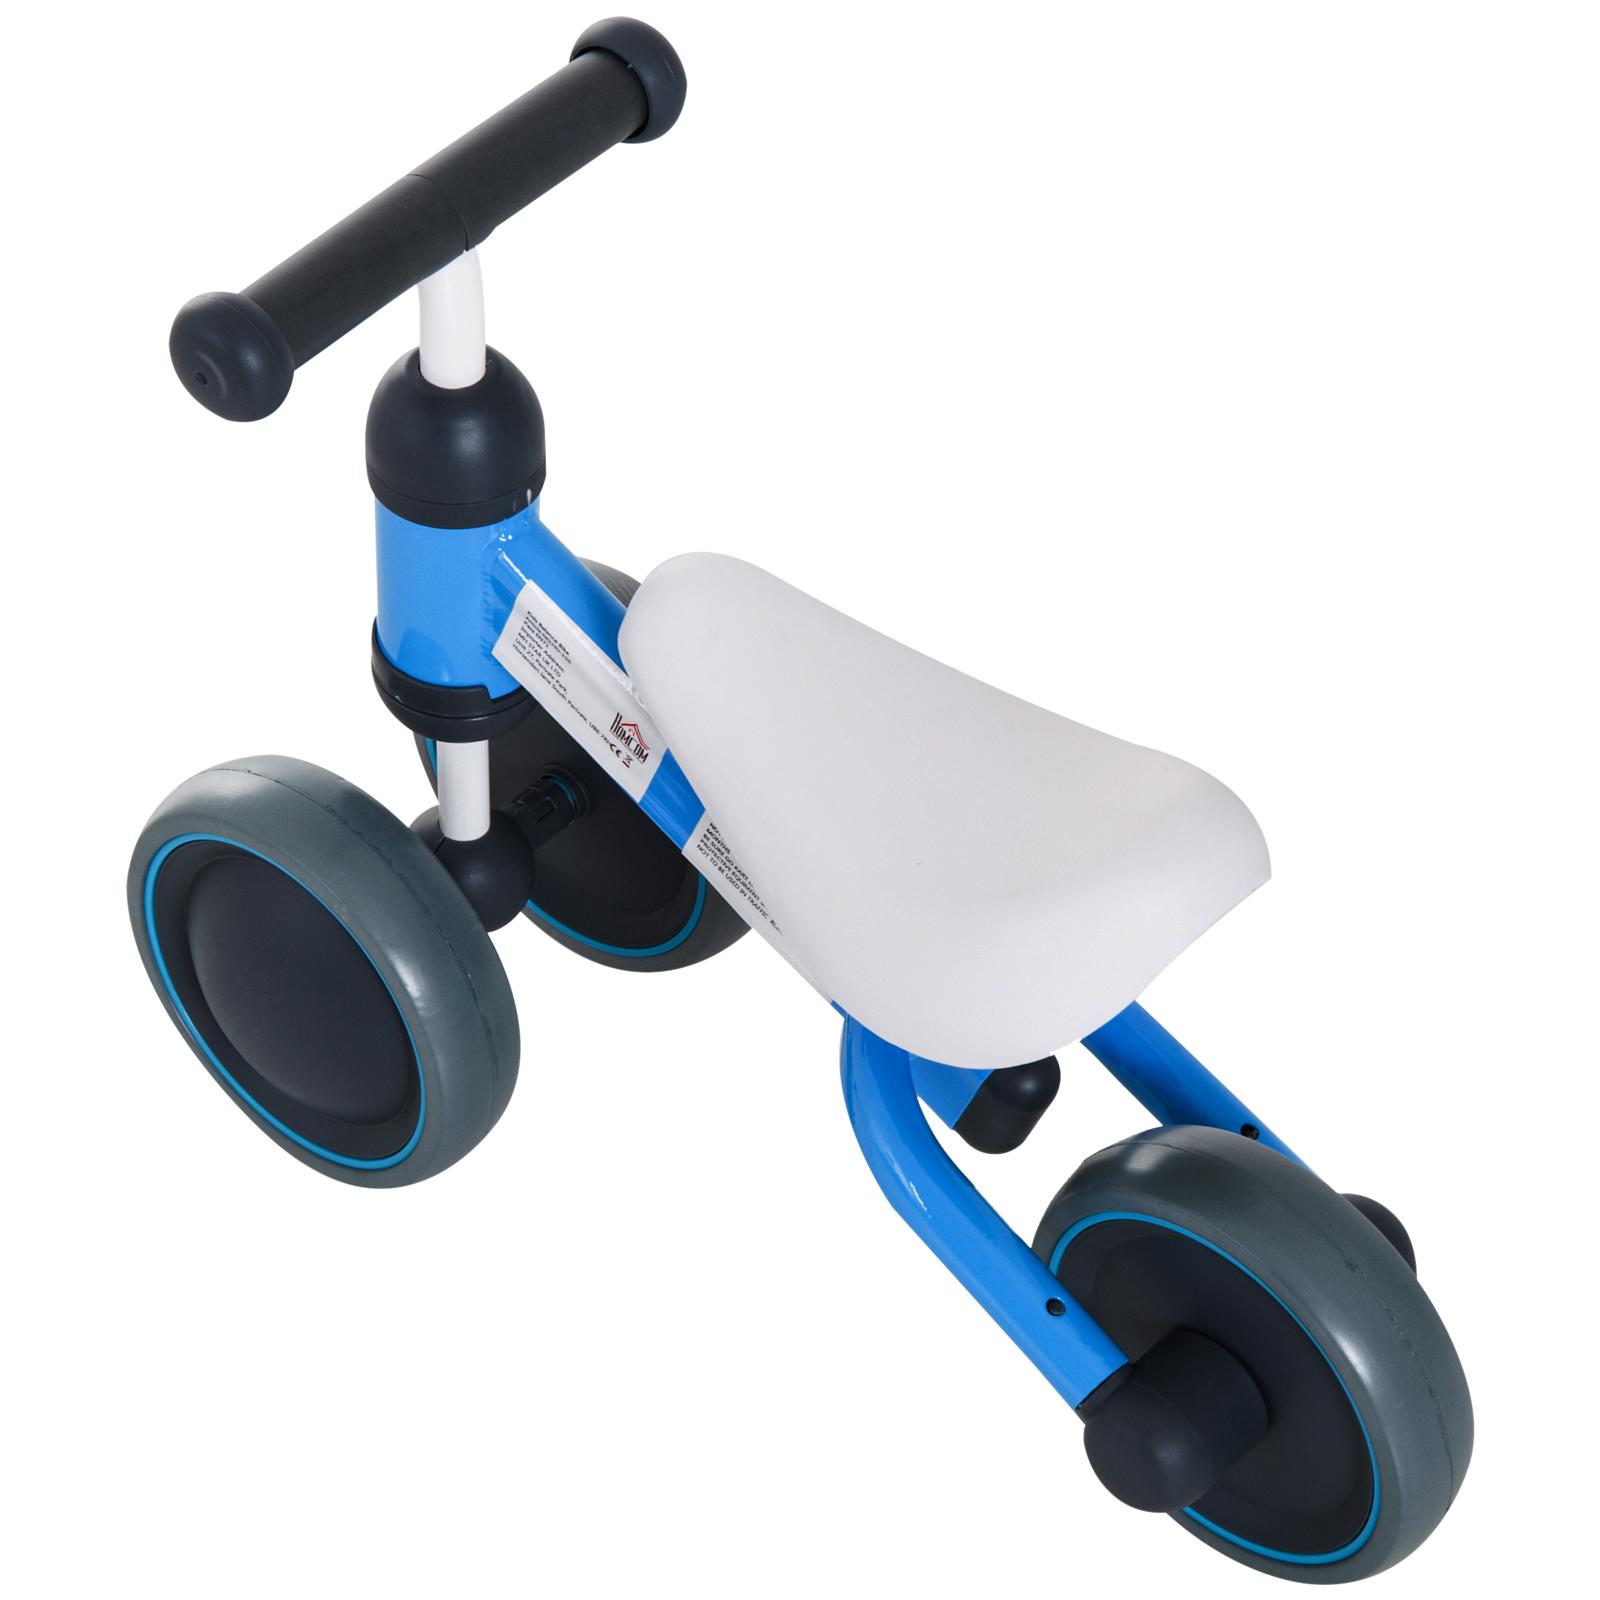 Triciclo-Bicicleta-sin-Pedales-para-Nino-1-3-Anos-Sillon-Comodo-Aluminio miniatura 23